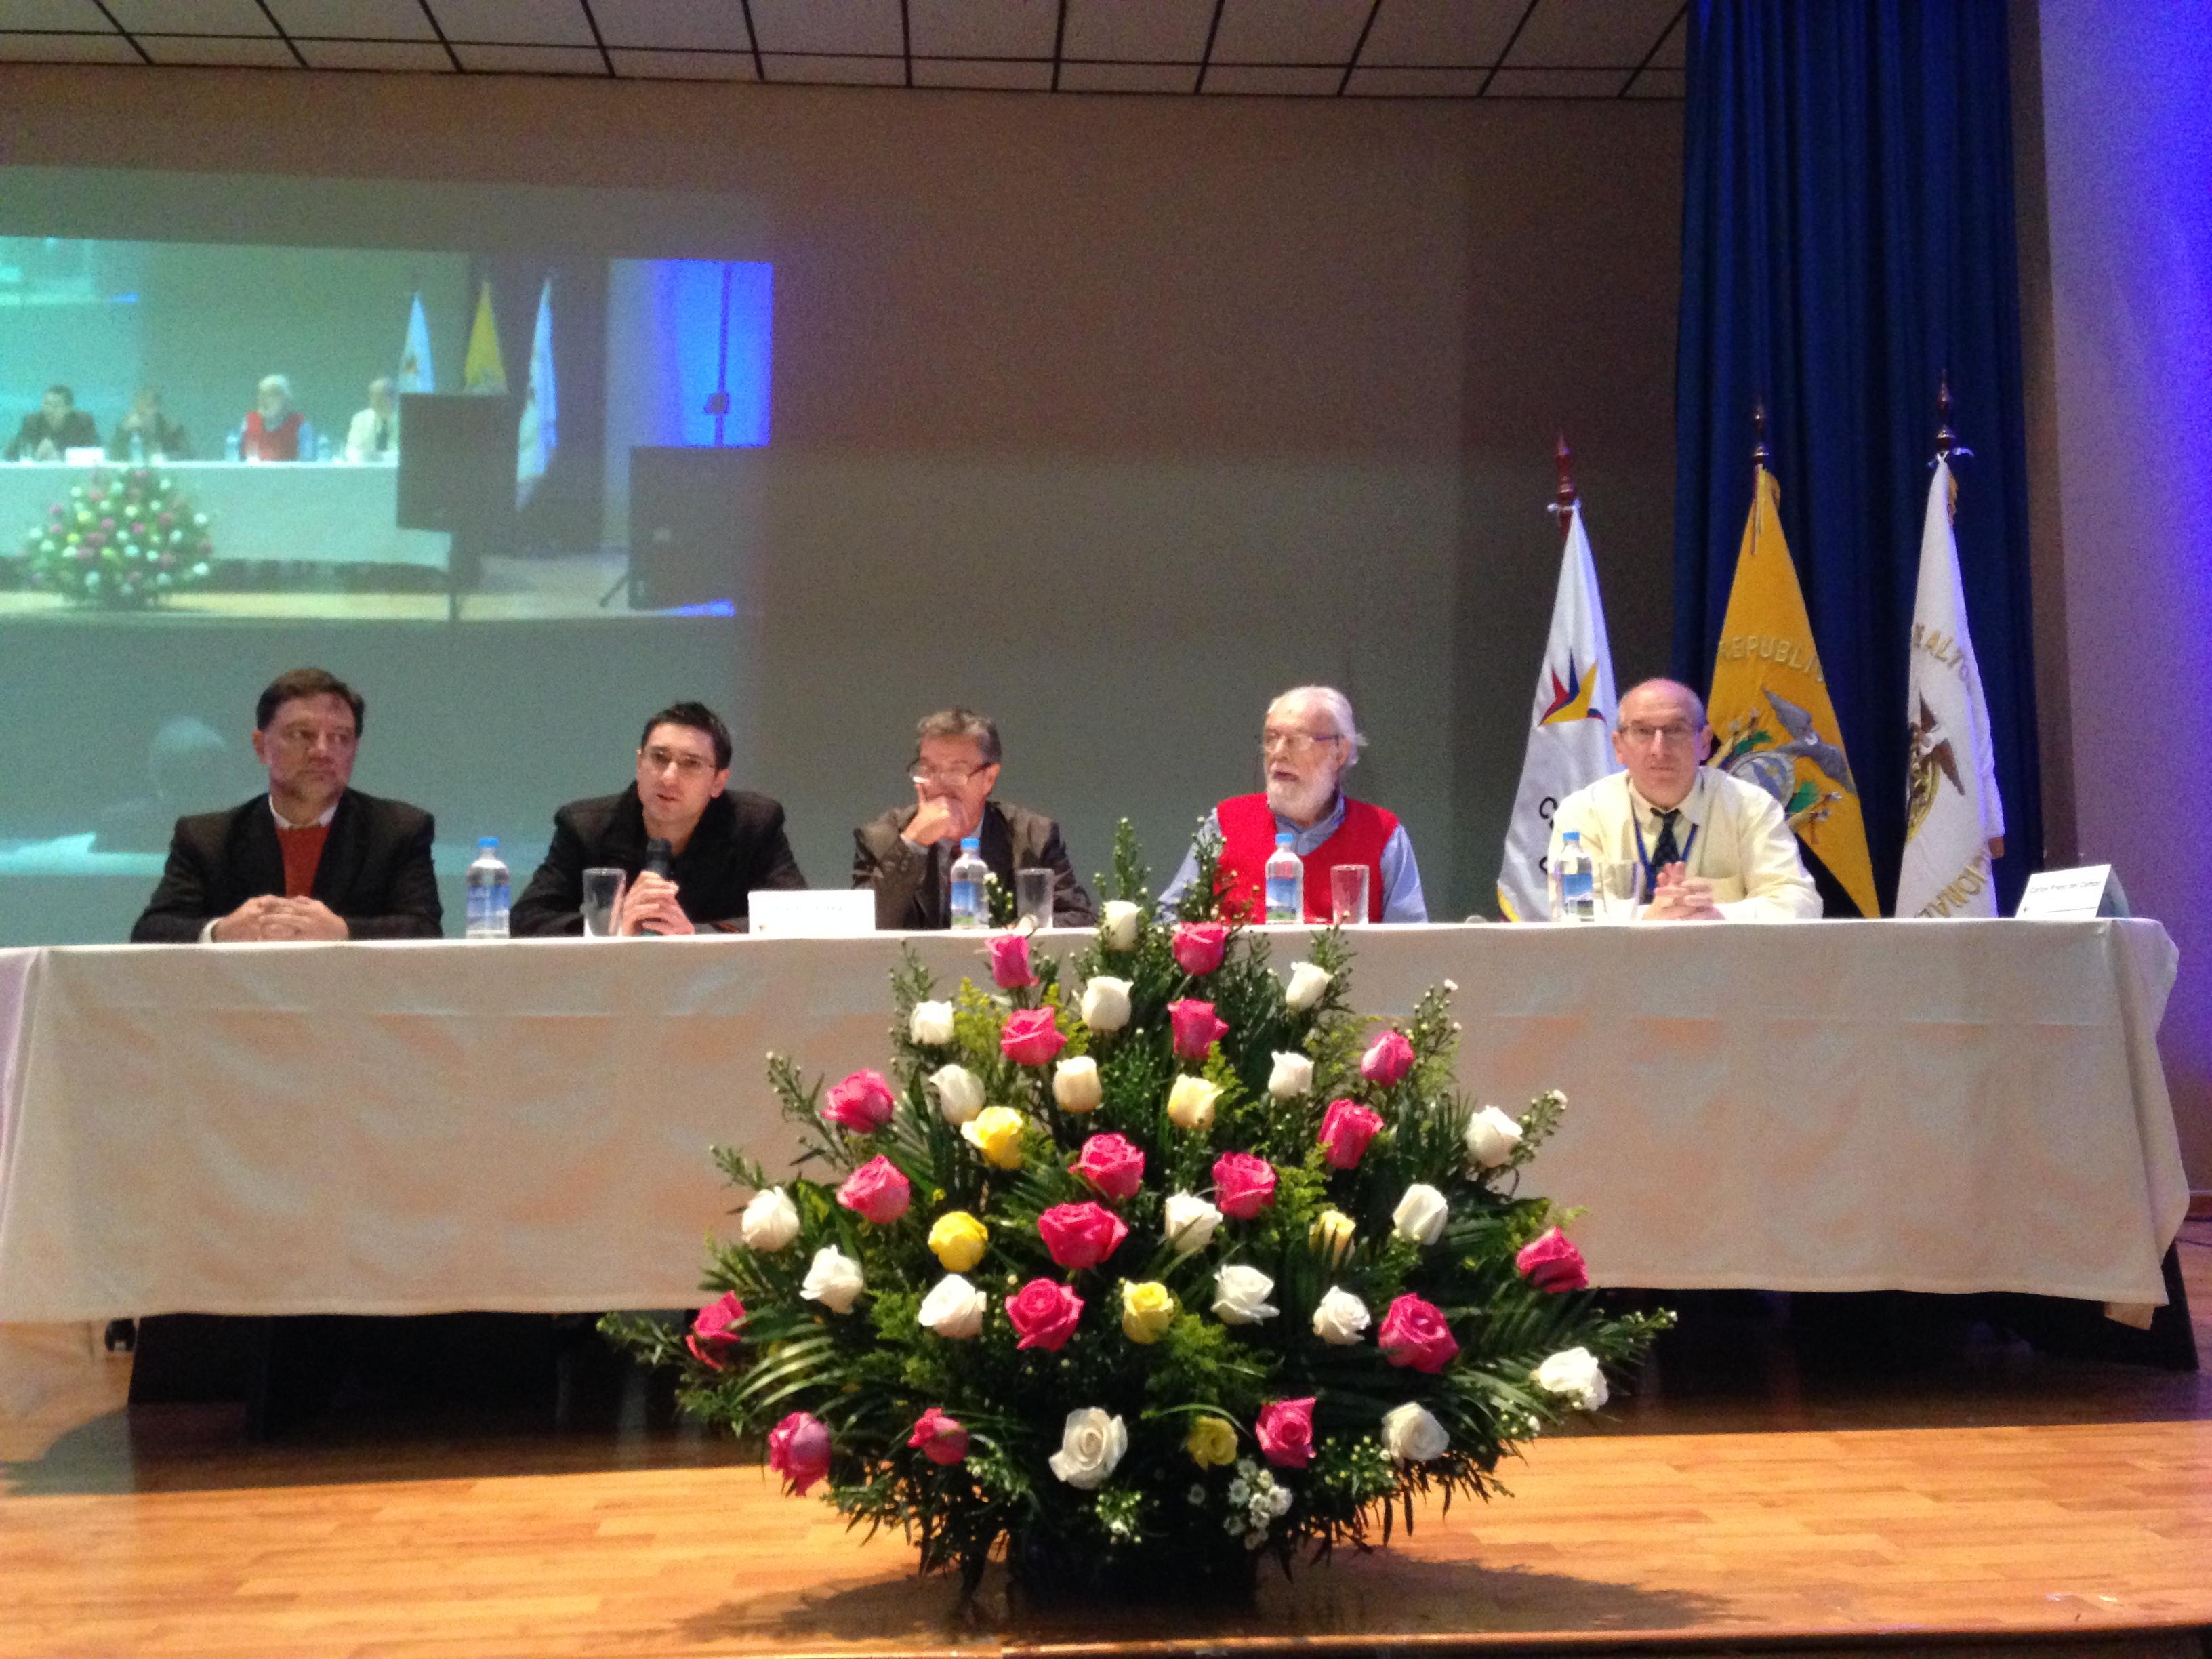 <!--:es-->Primer día del XXII Seminario Nueva Configuración: El Estado, la Sociedad Civil y el Mercado Ético<!--:-->